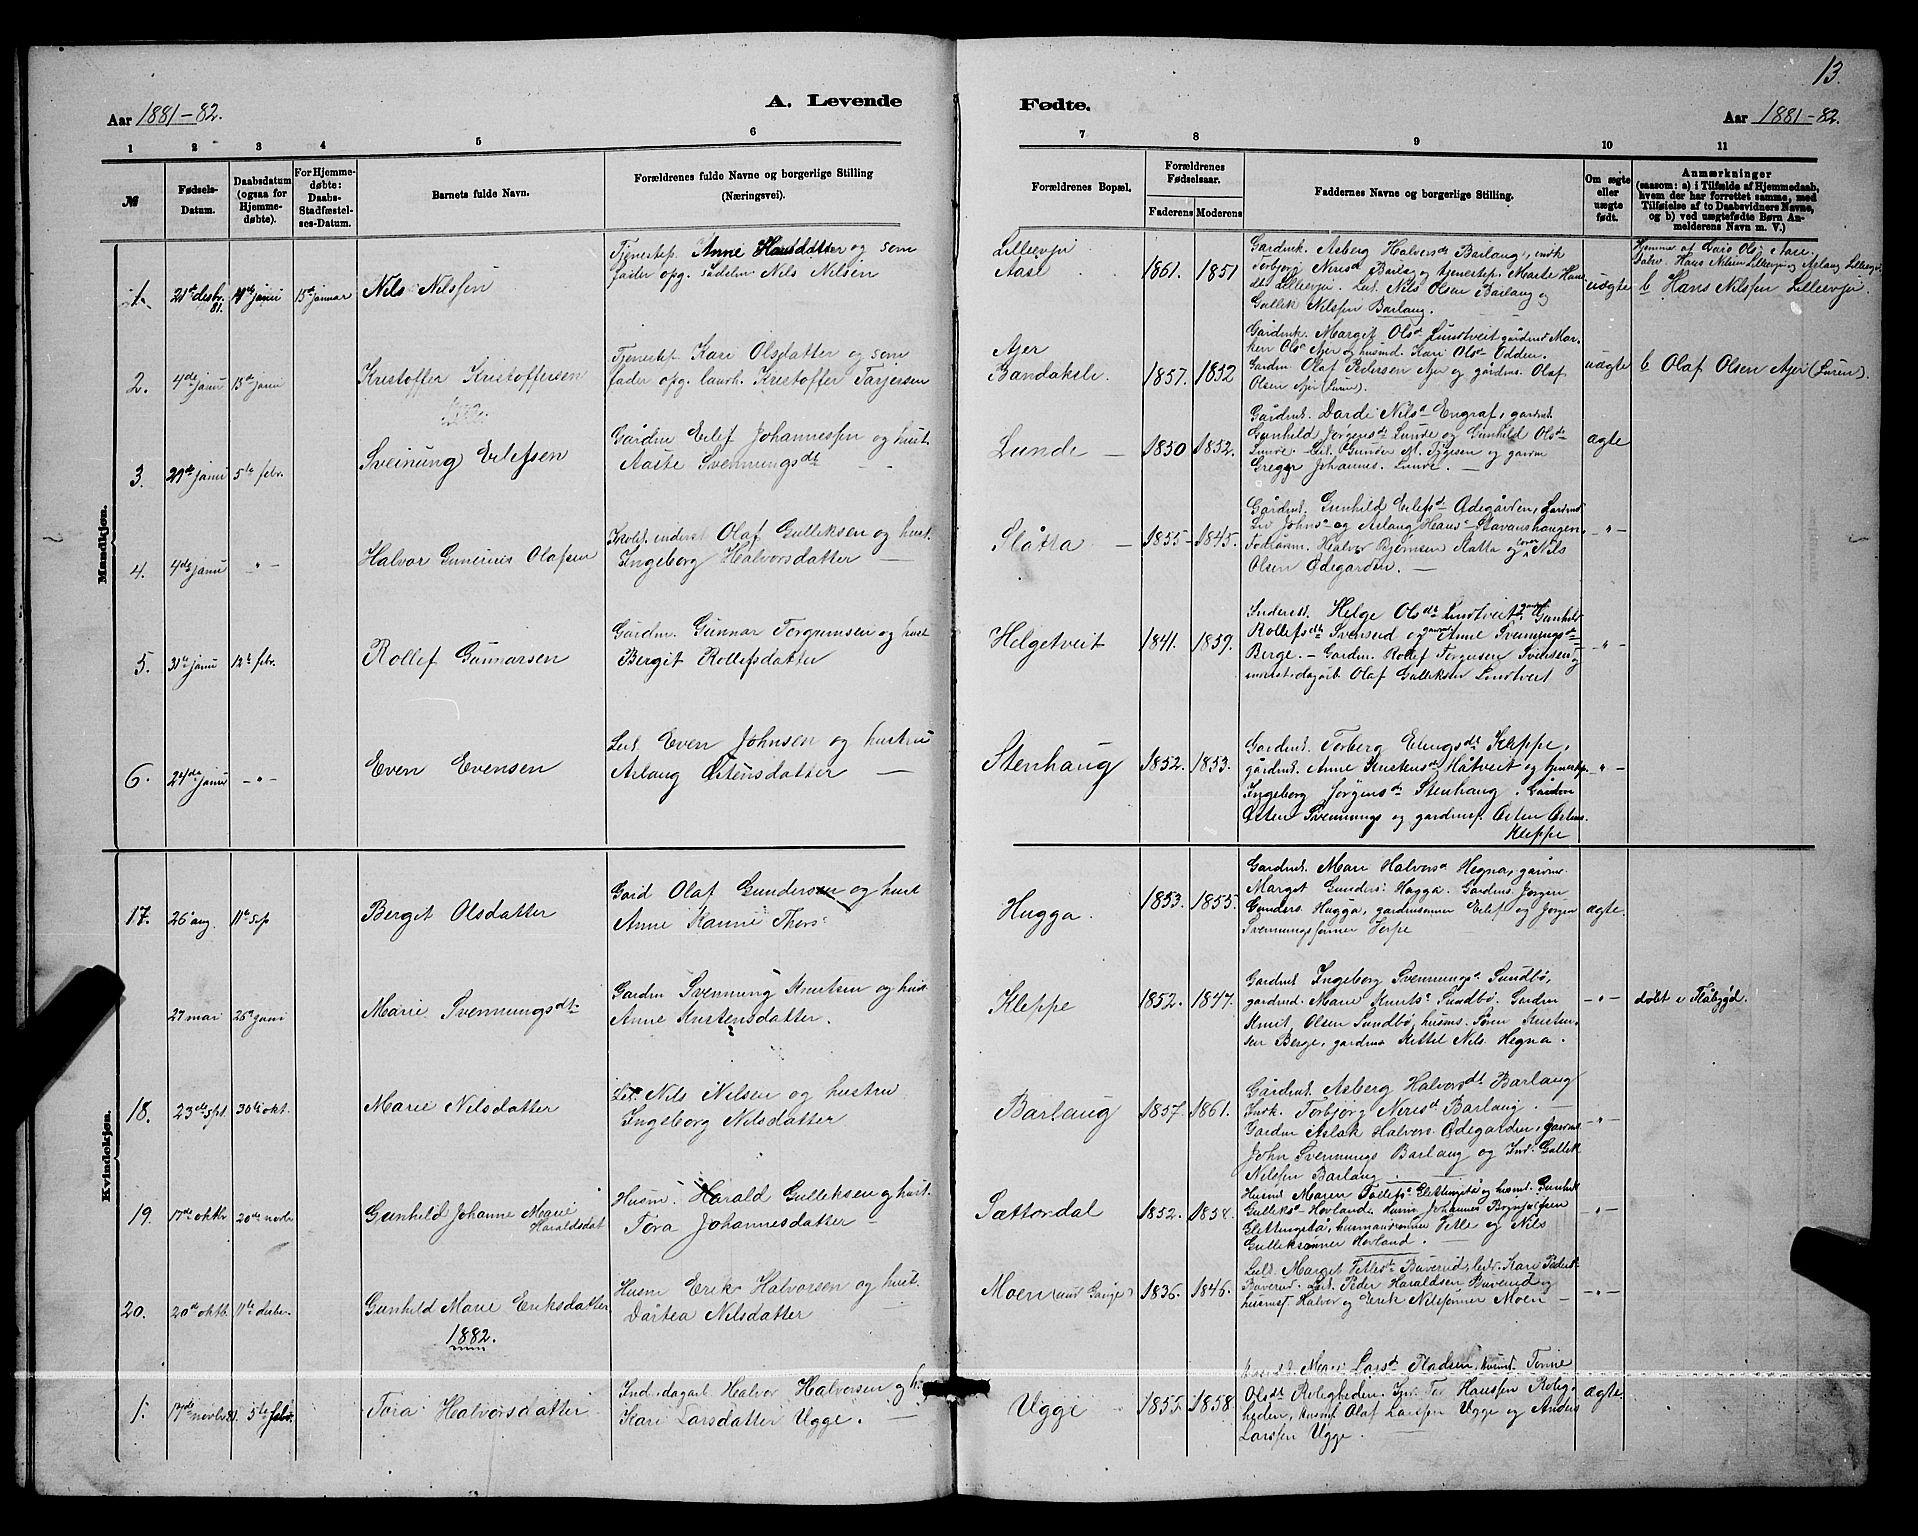 SAKO, Lunde kirkebøker, G/Ga/L0001b: Klokkerbok nr. I 1, 1879-1887, s. 13